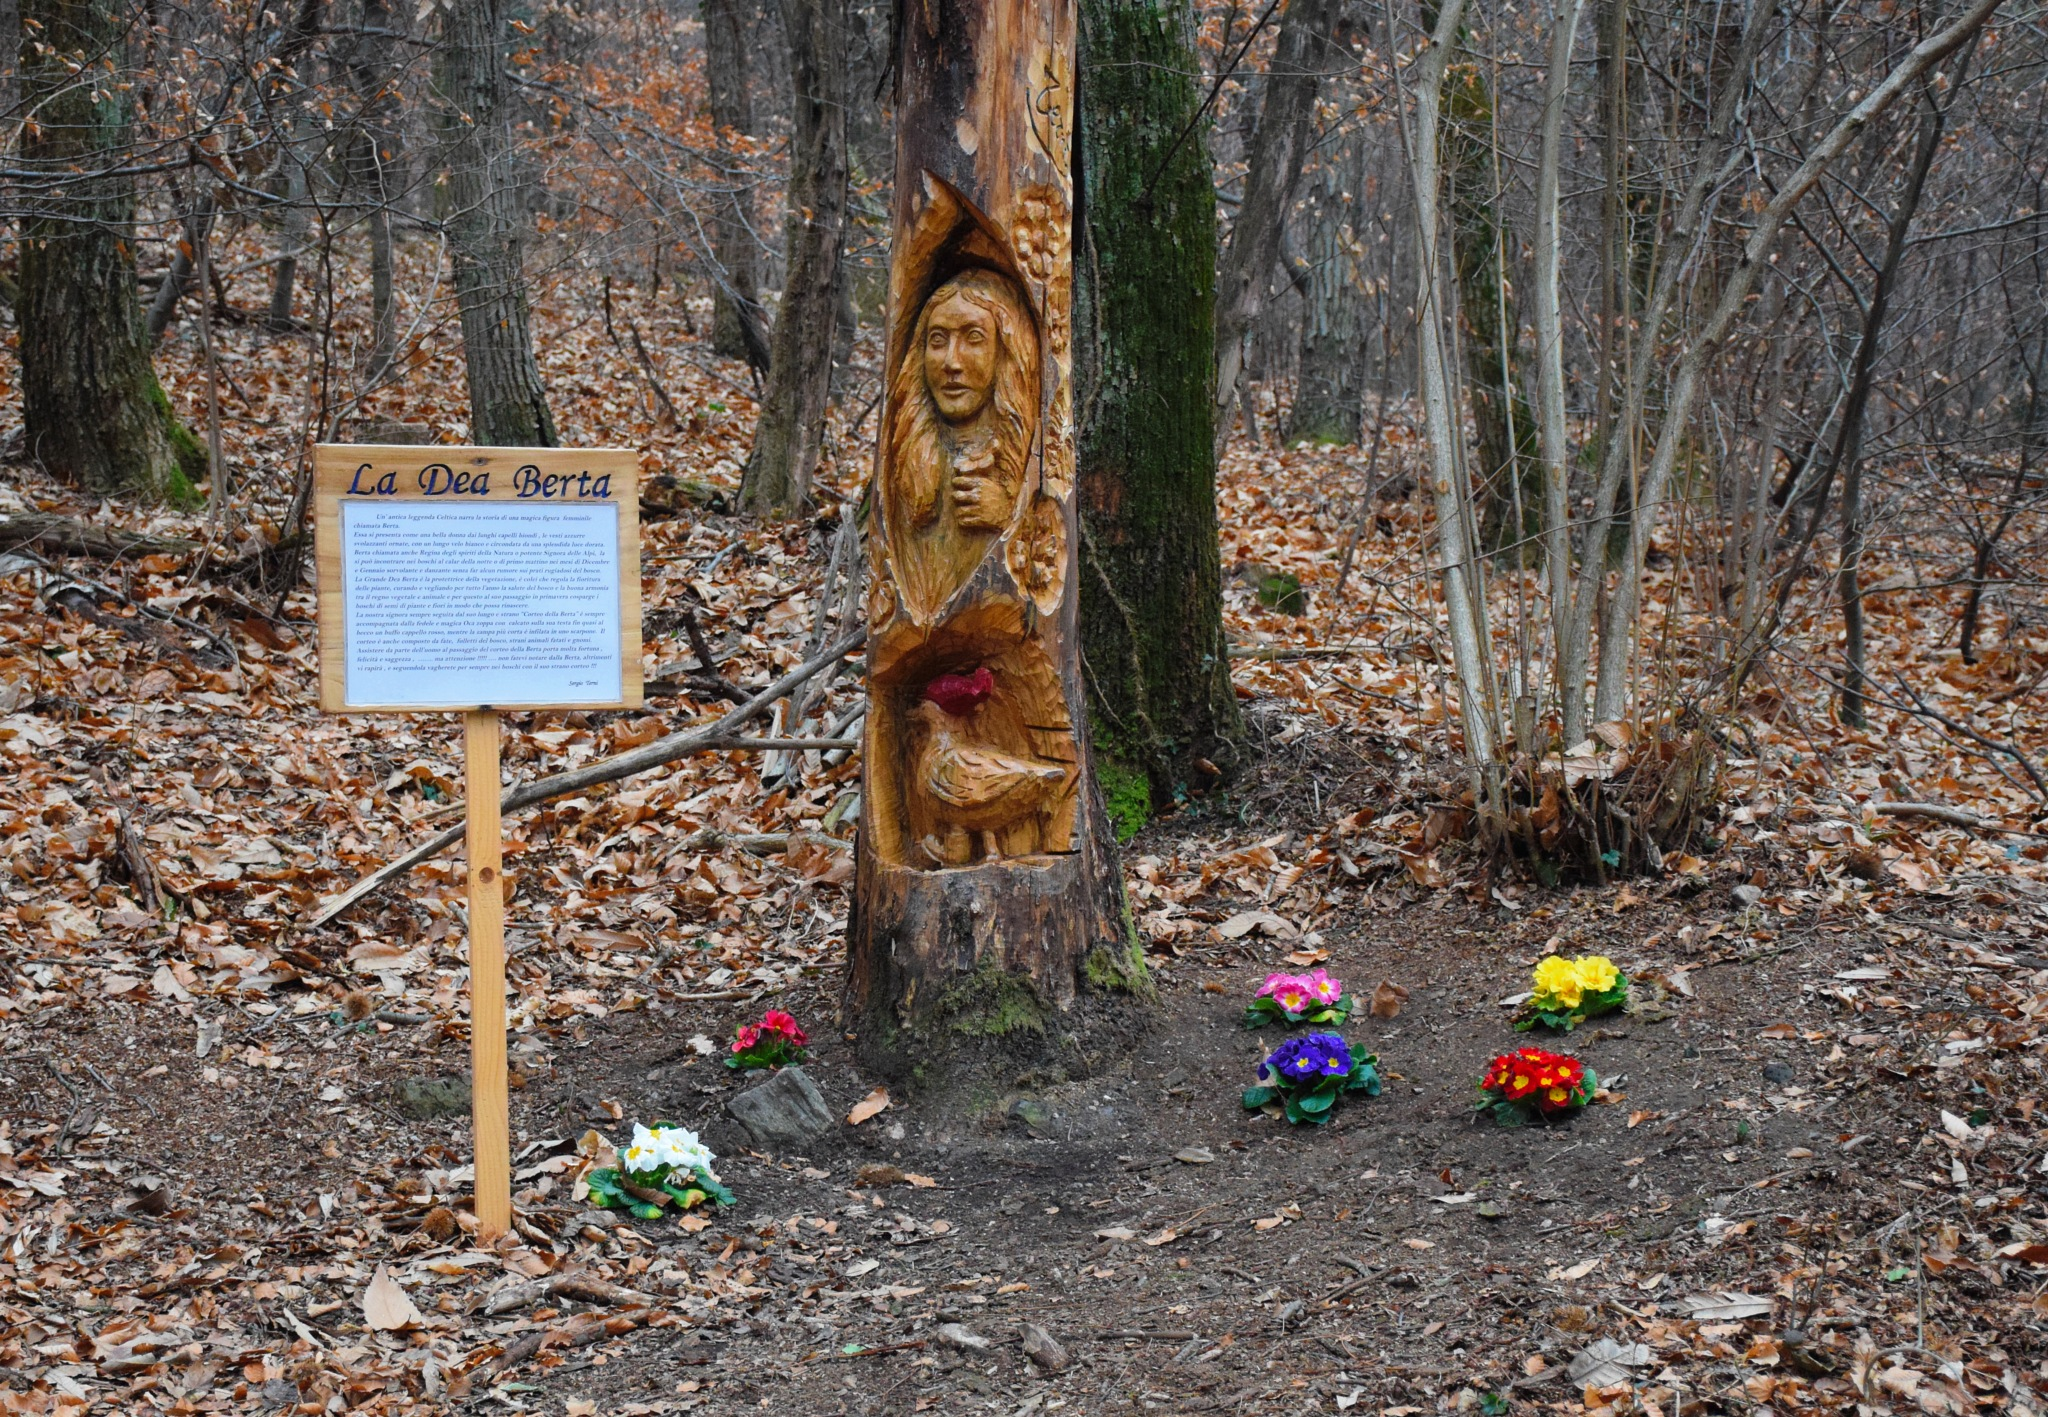 Passeggiando nel bosco ti senti protetto sempre  by v2franchi